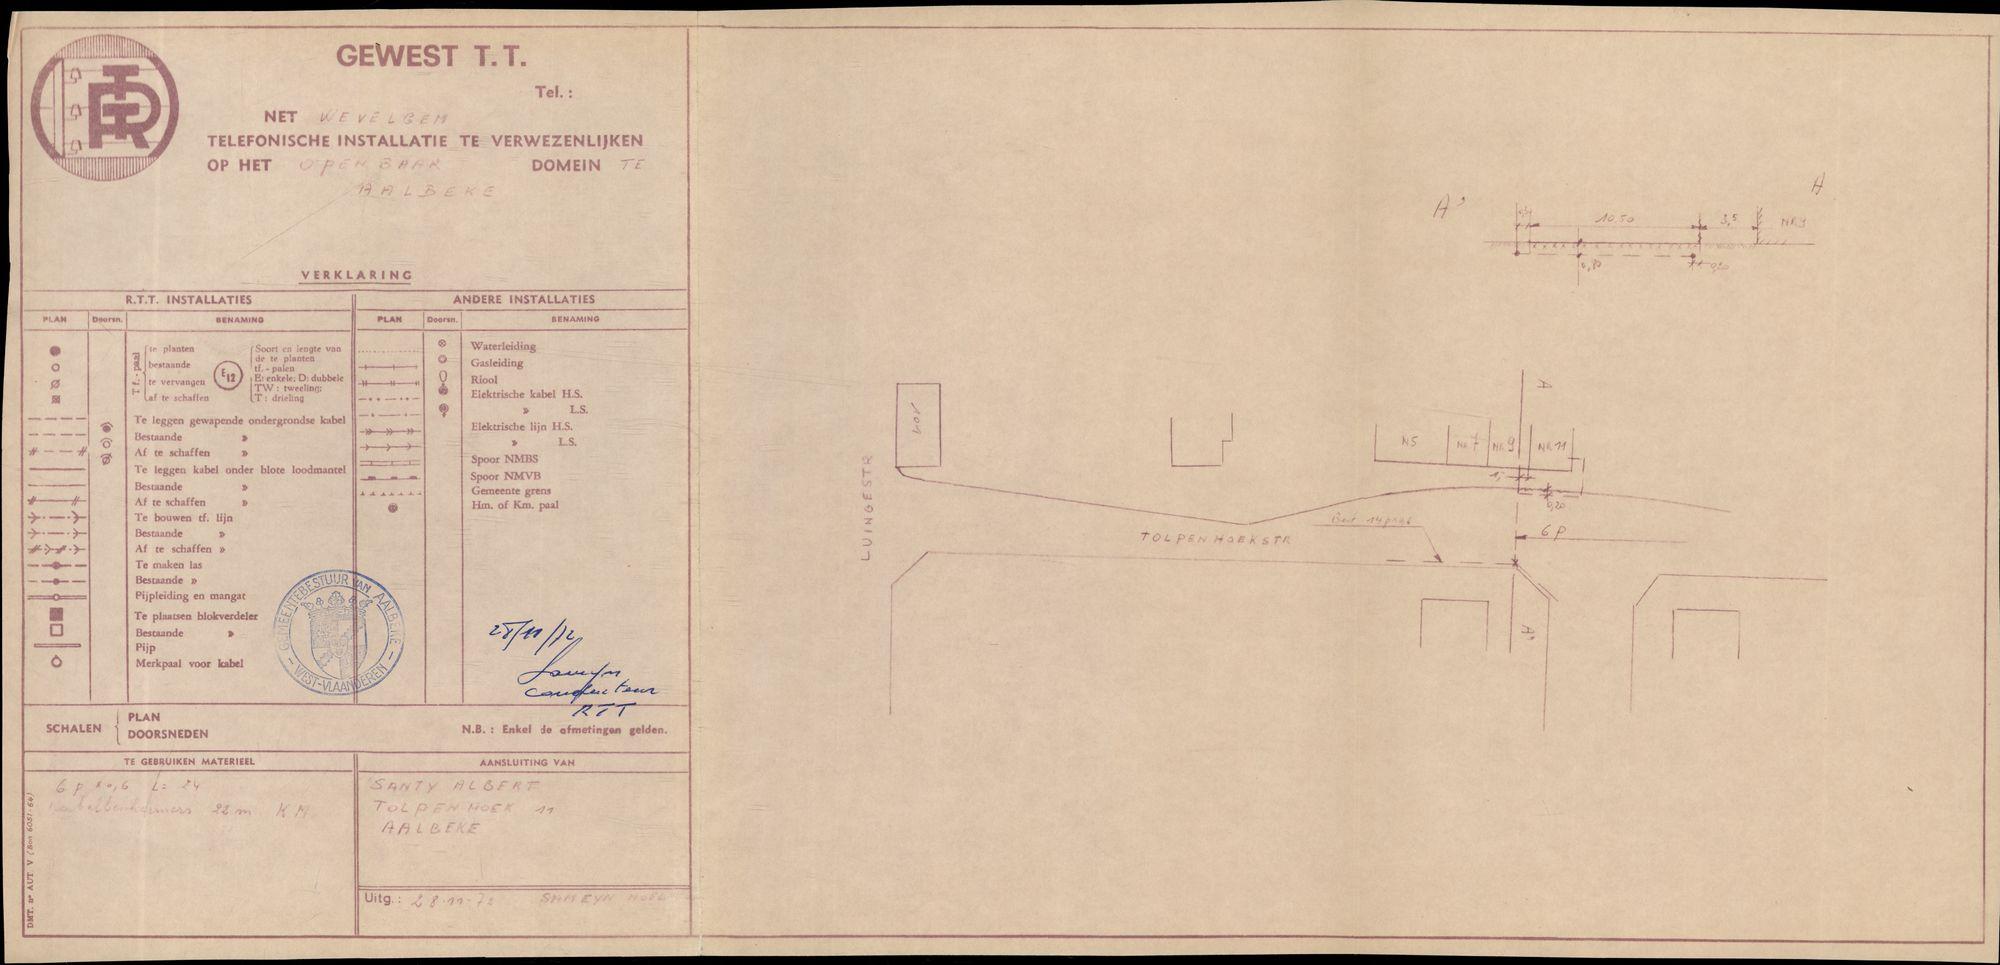 Plannen van de aanleg van het telefoonnet te Aalbeke, 1965-1974